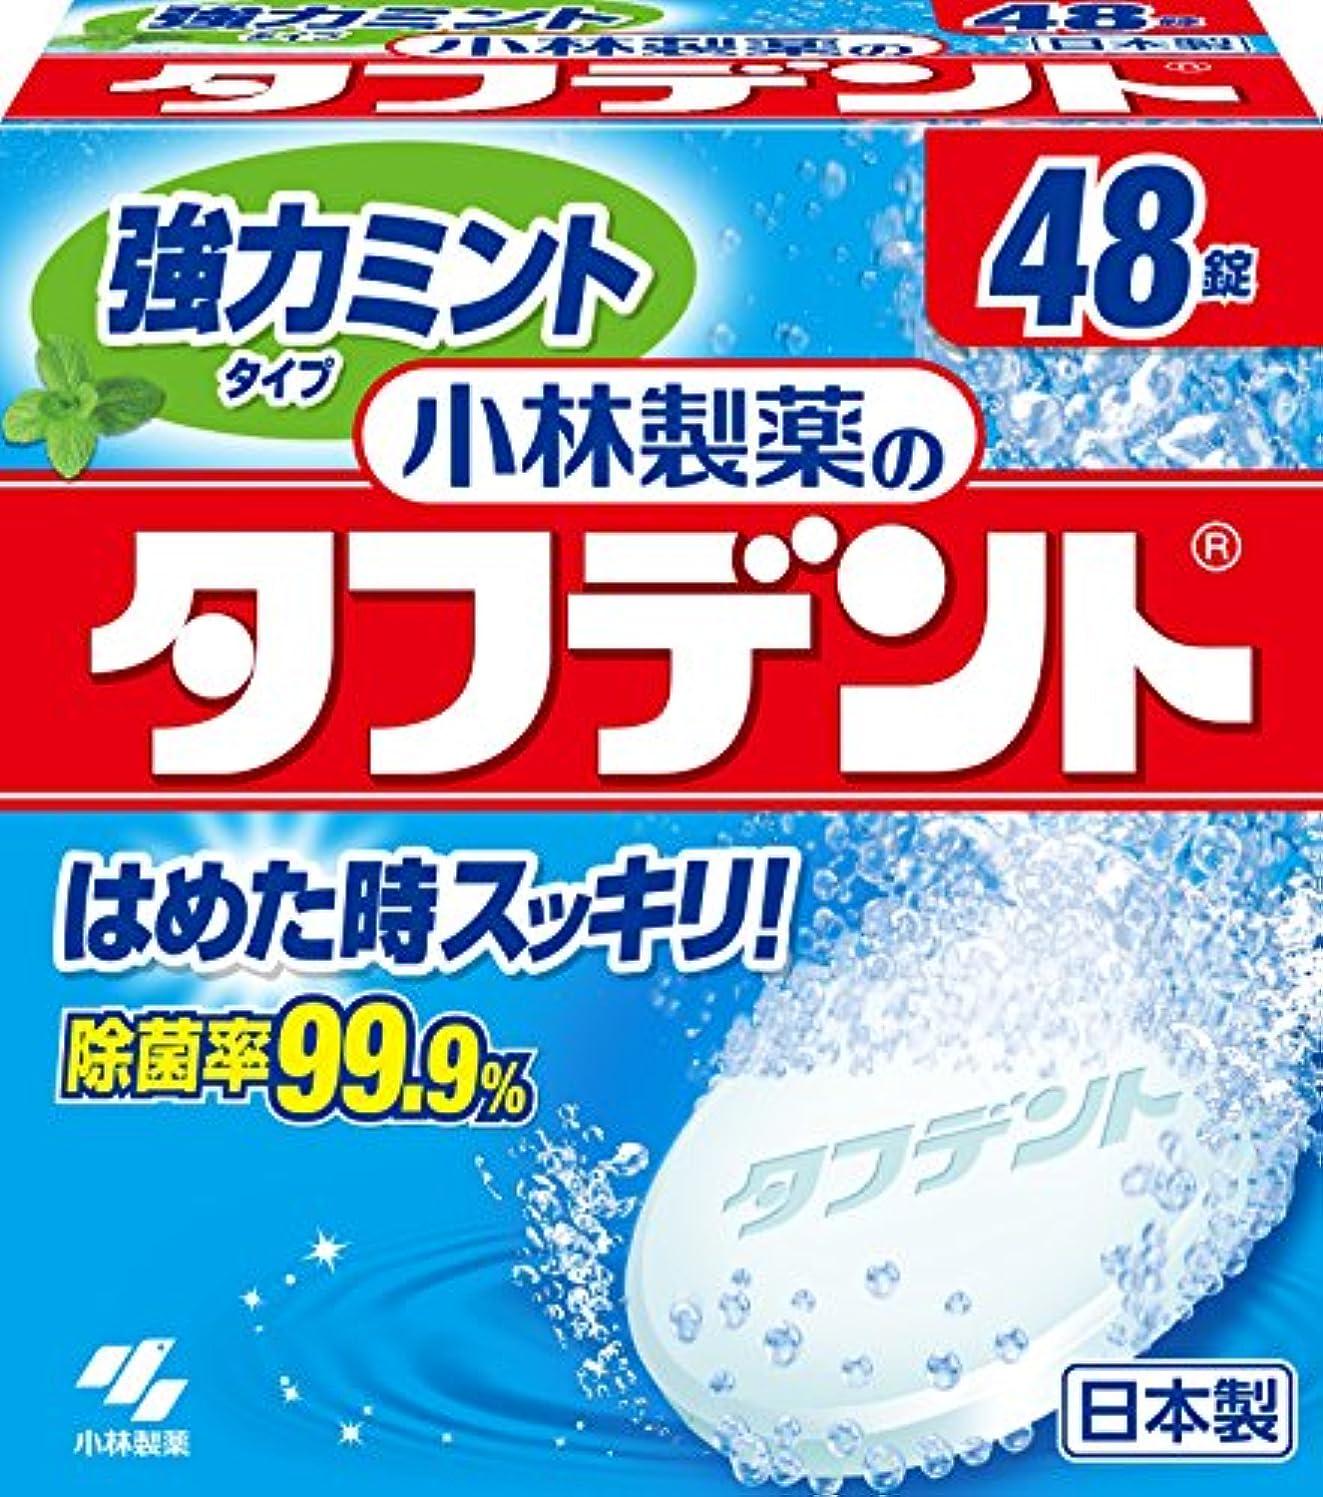 モノグラフ特異性相互接続小林製薬のタフデント強力ミントタイプ 入れ歯用洗浄剤 ミントの香り 48錠